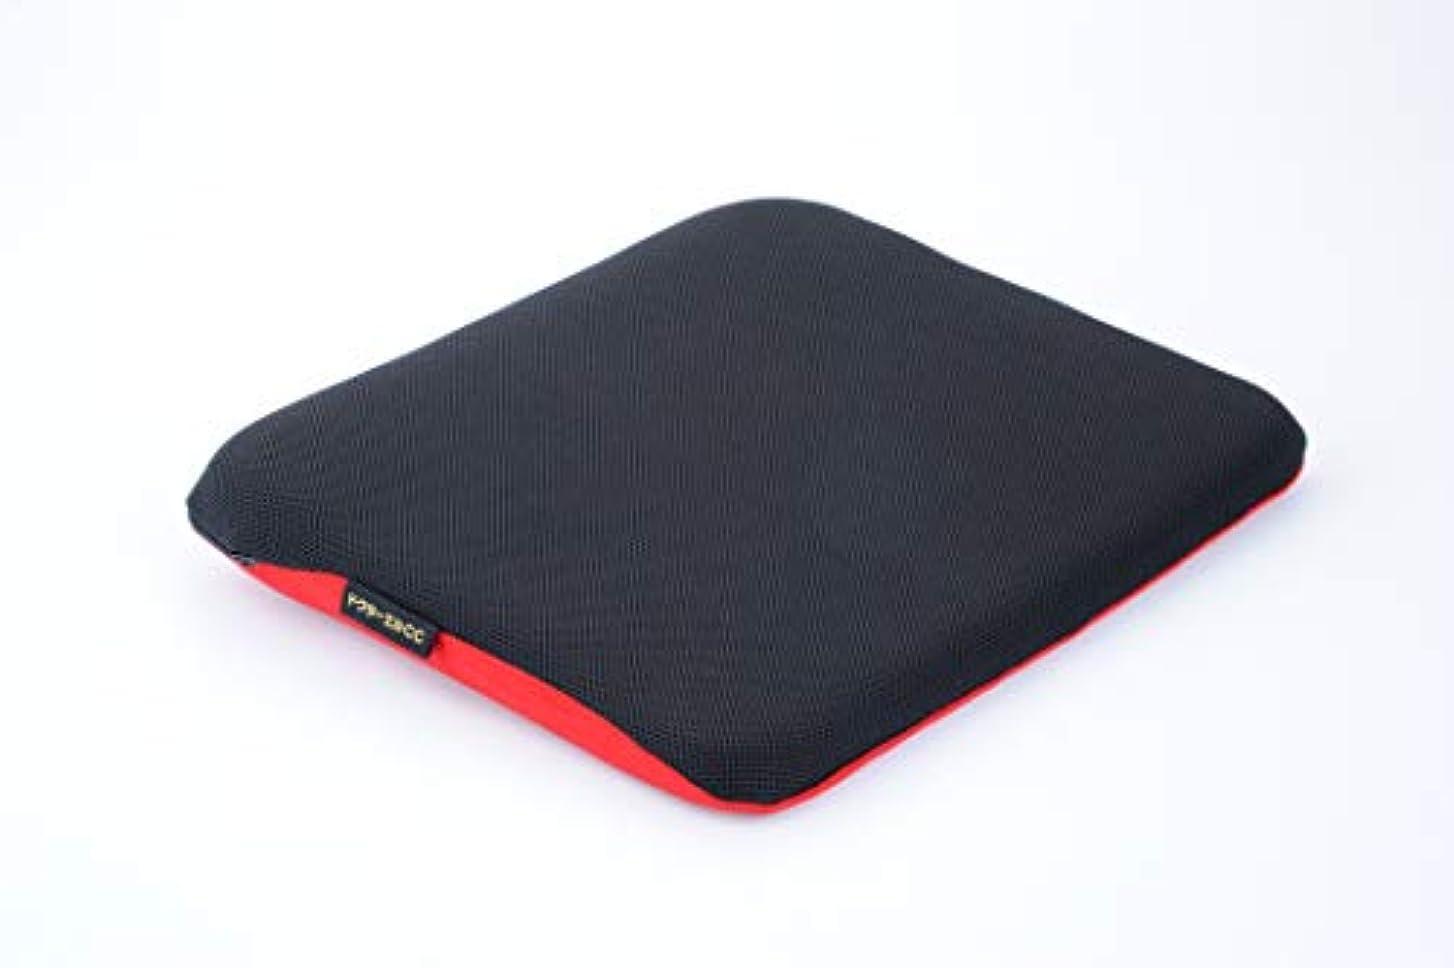 精算エンジニアリング従者ドクターエル ドクターエルCC 黒×赤 車専用腰痛対策クッション